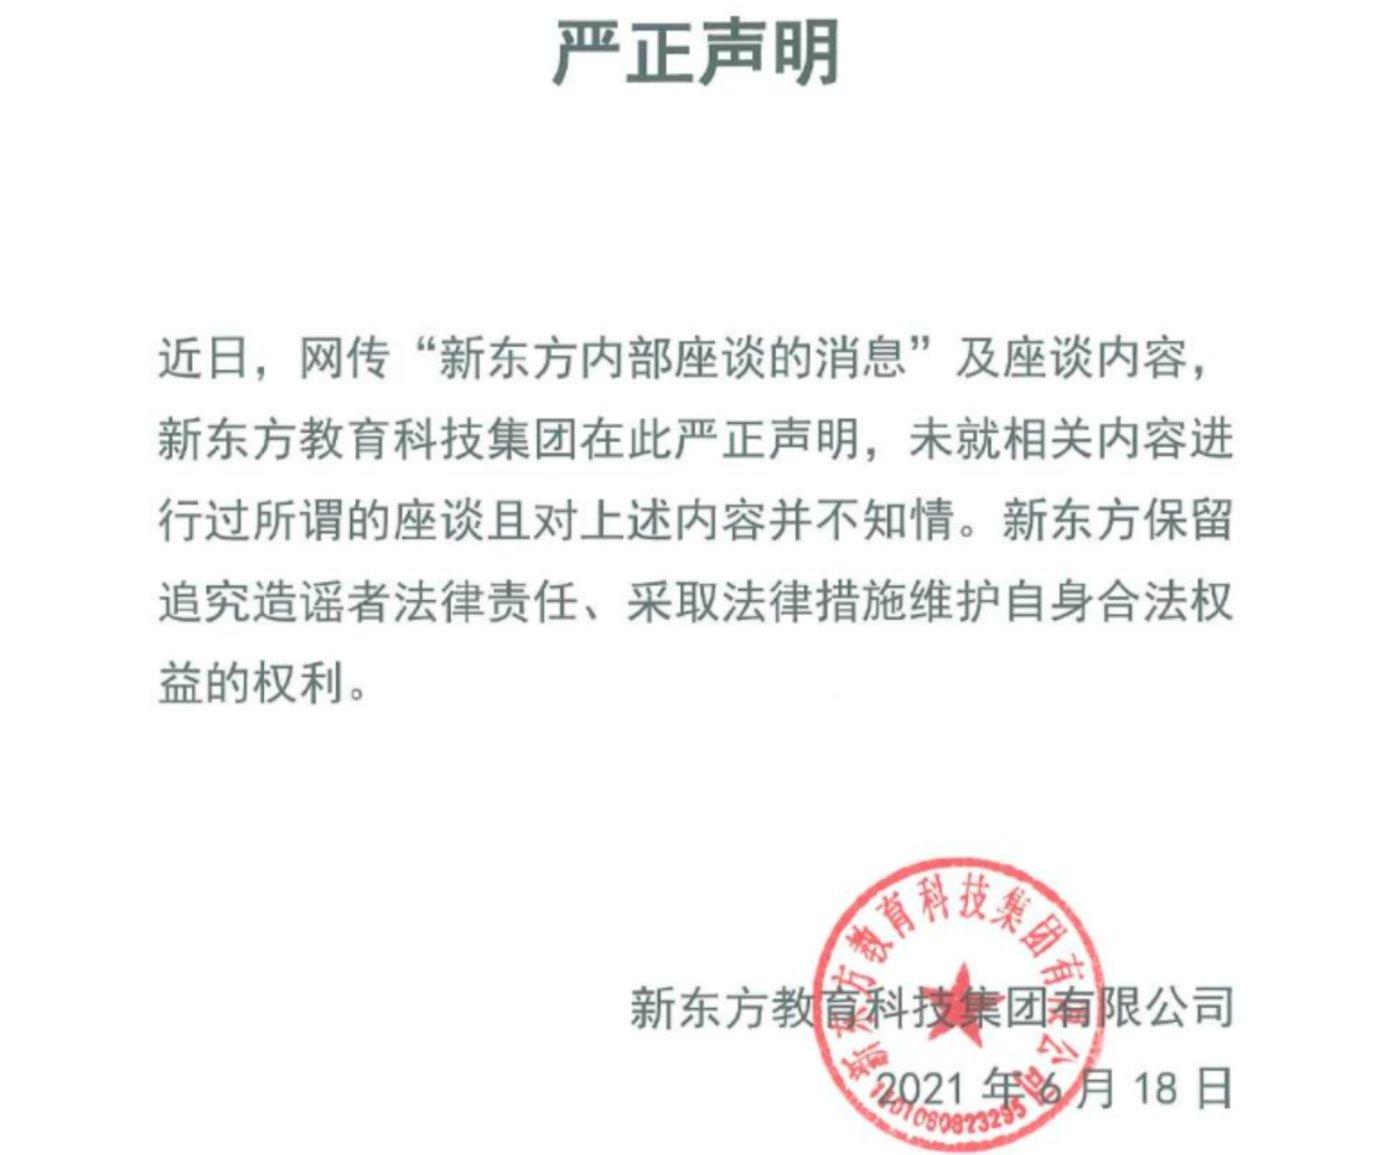 新东方官方声明